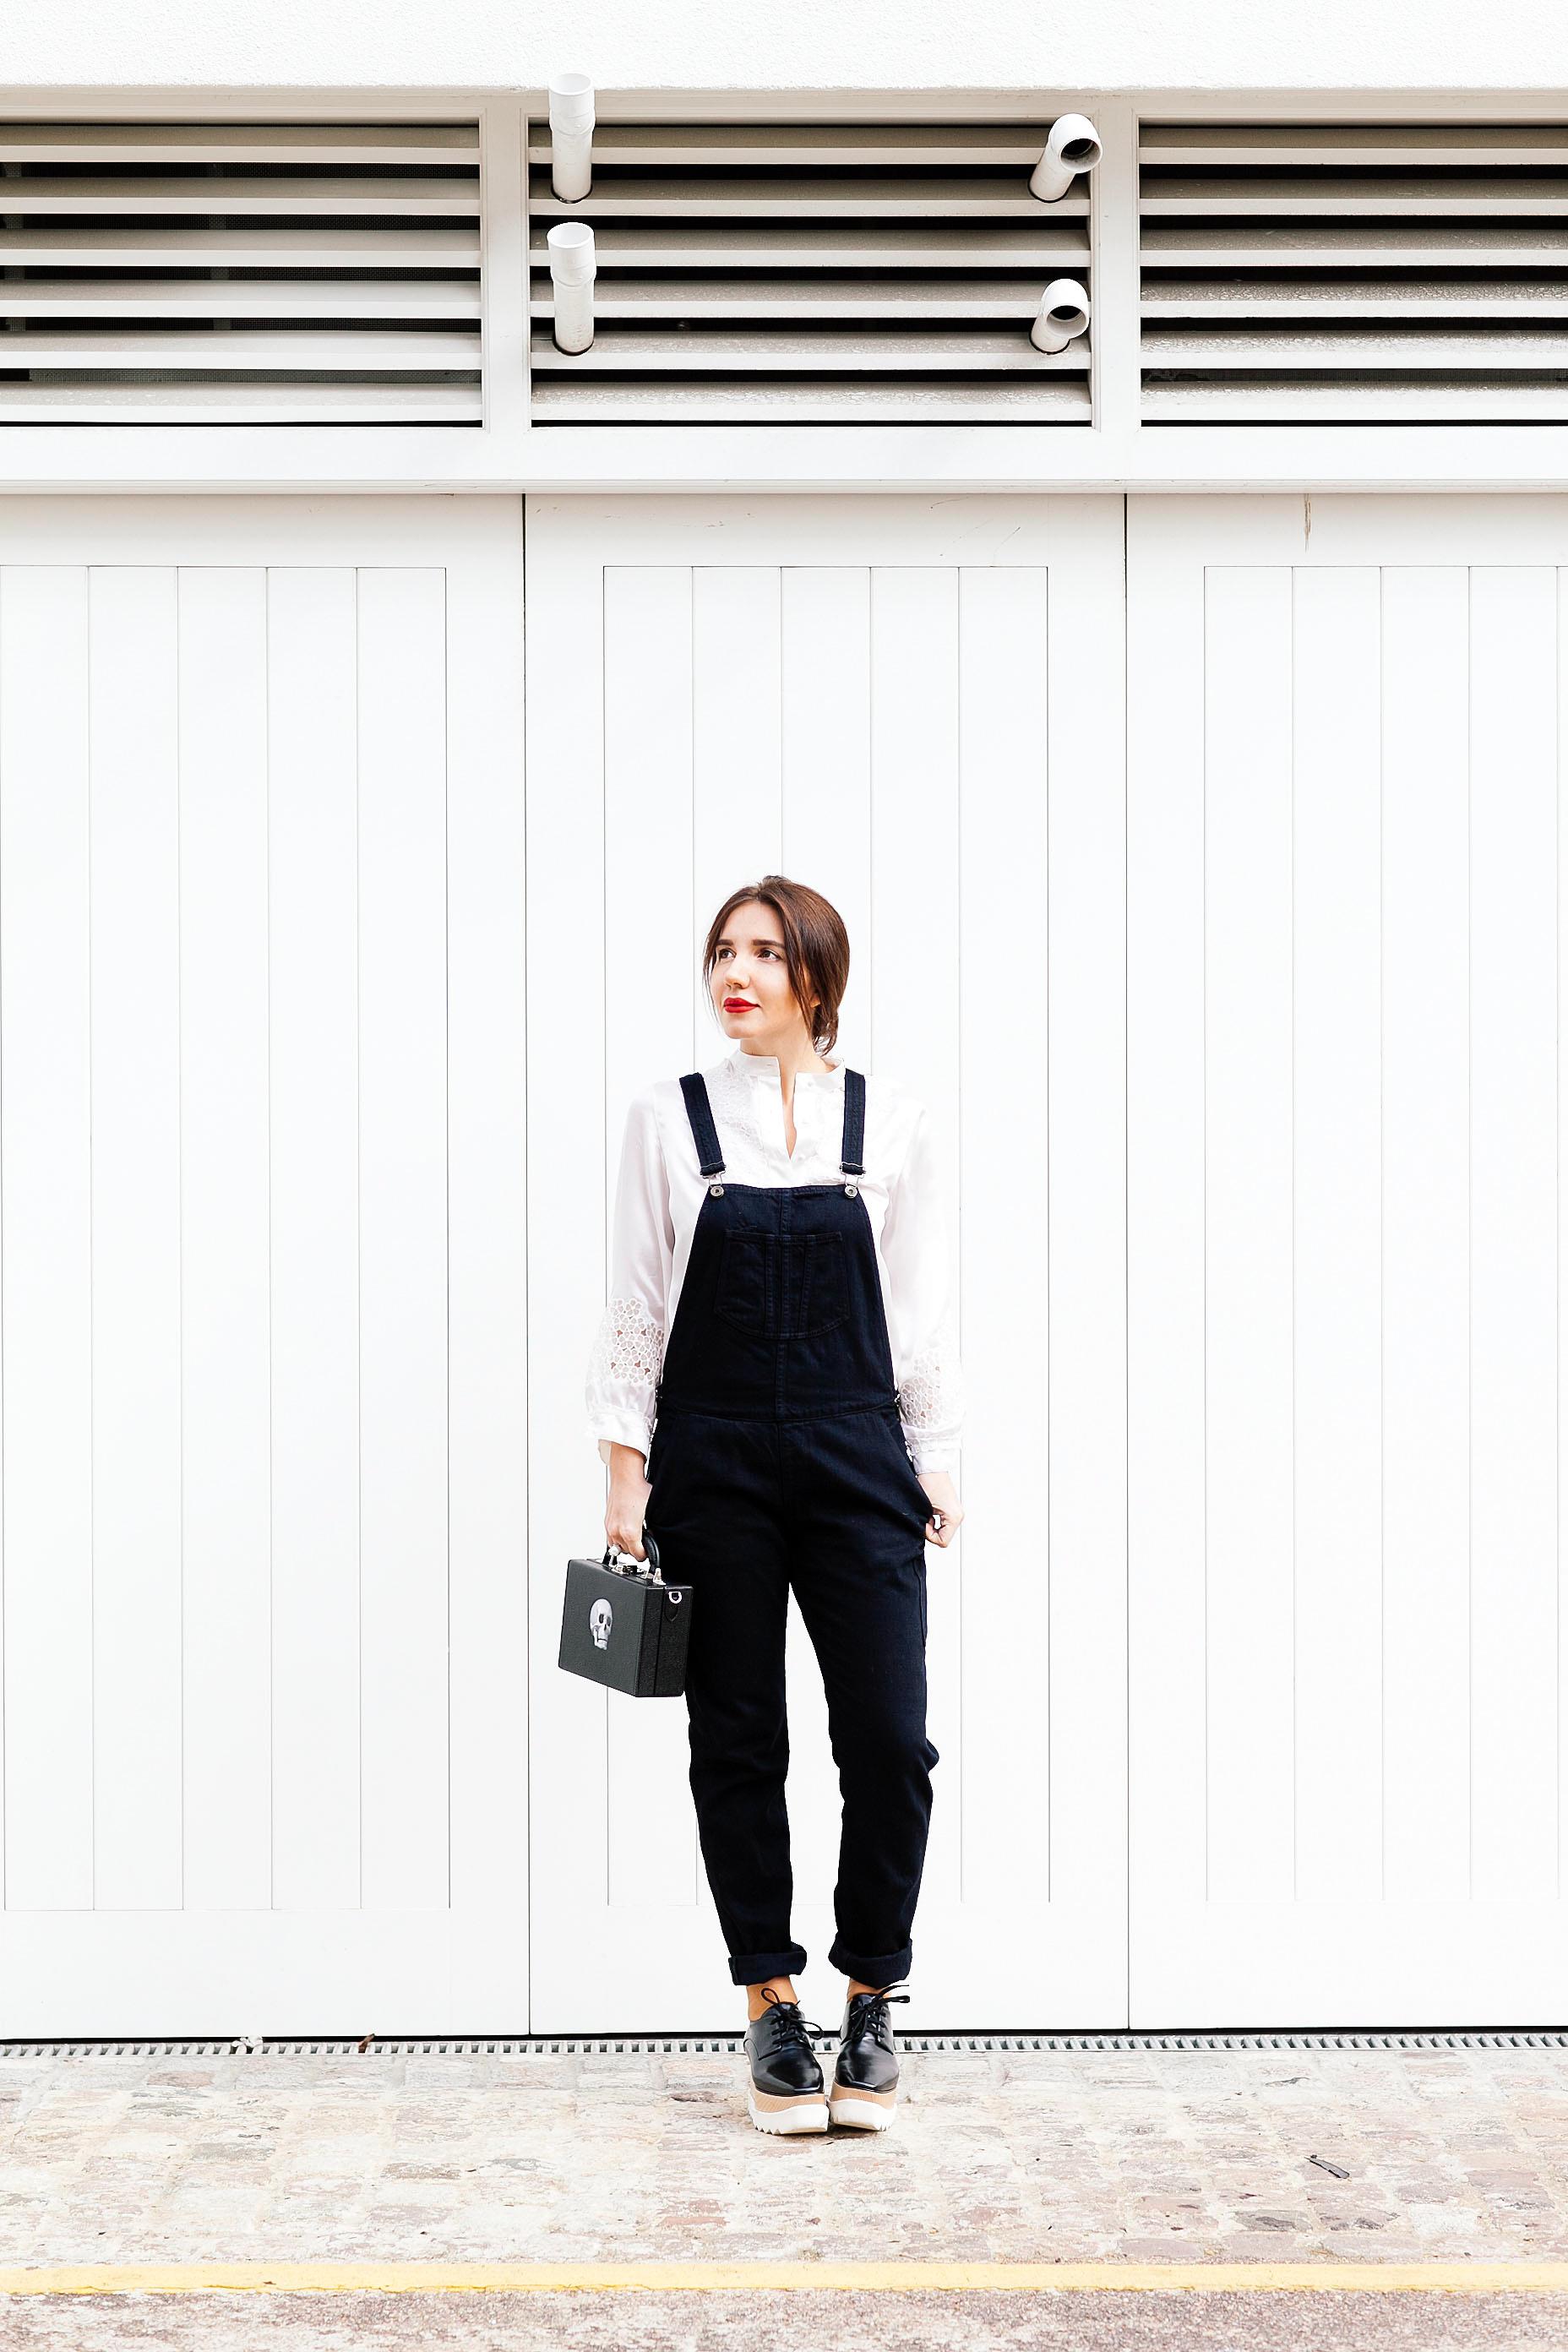 7 More Minutes. Fashion, travel and lifestyle blog by Alyona Gasimova. Сказание О Девочке И Ее Комбинезоне. 5 Способов Обновить Рабочий Гардероб. www.7moreminutes.com